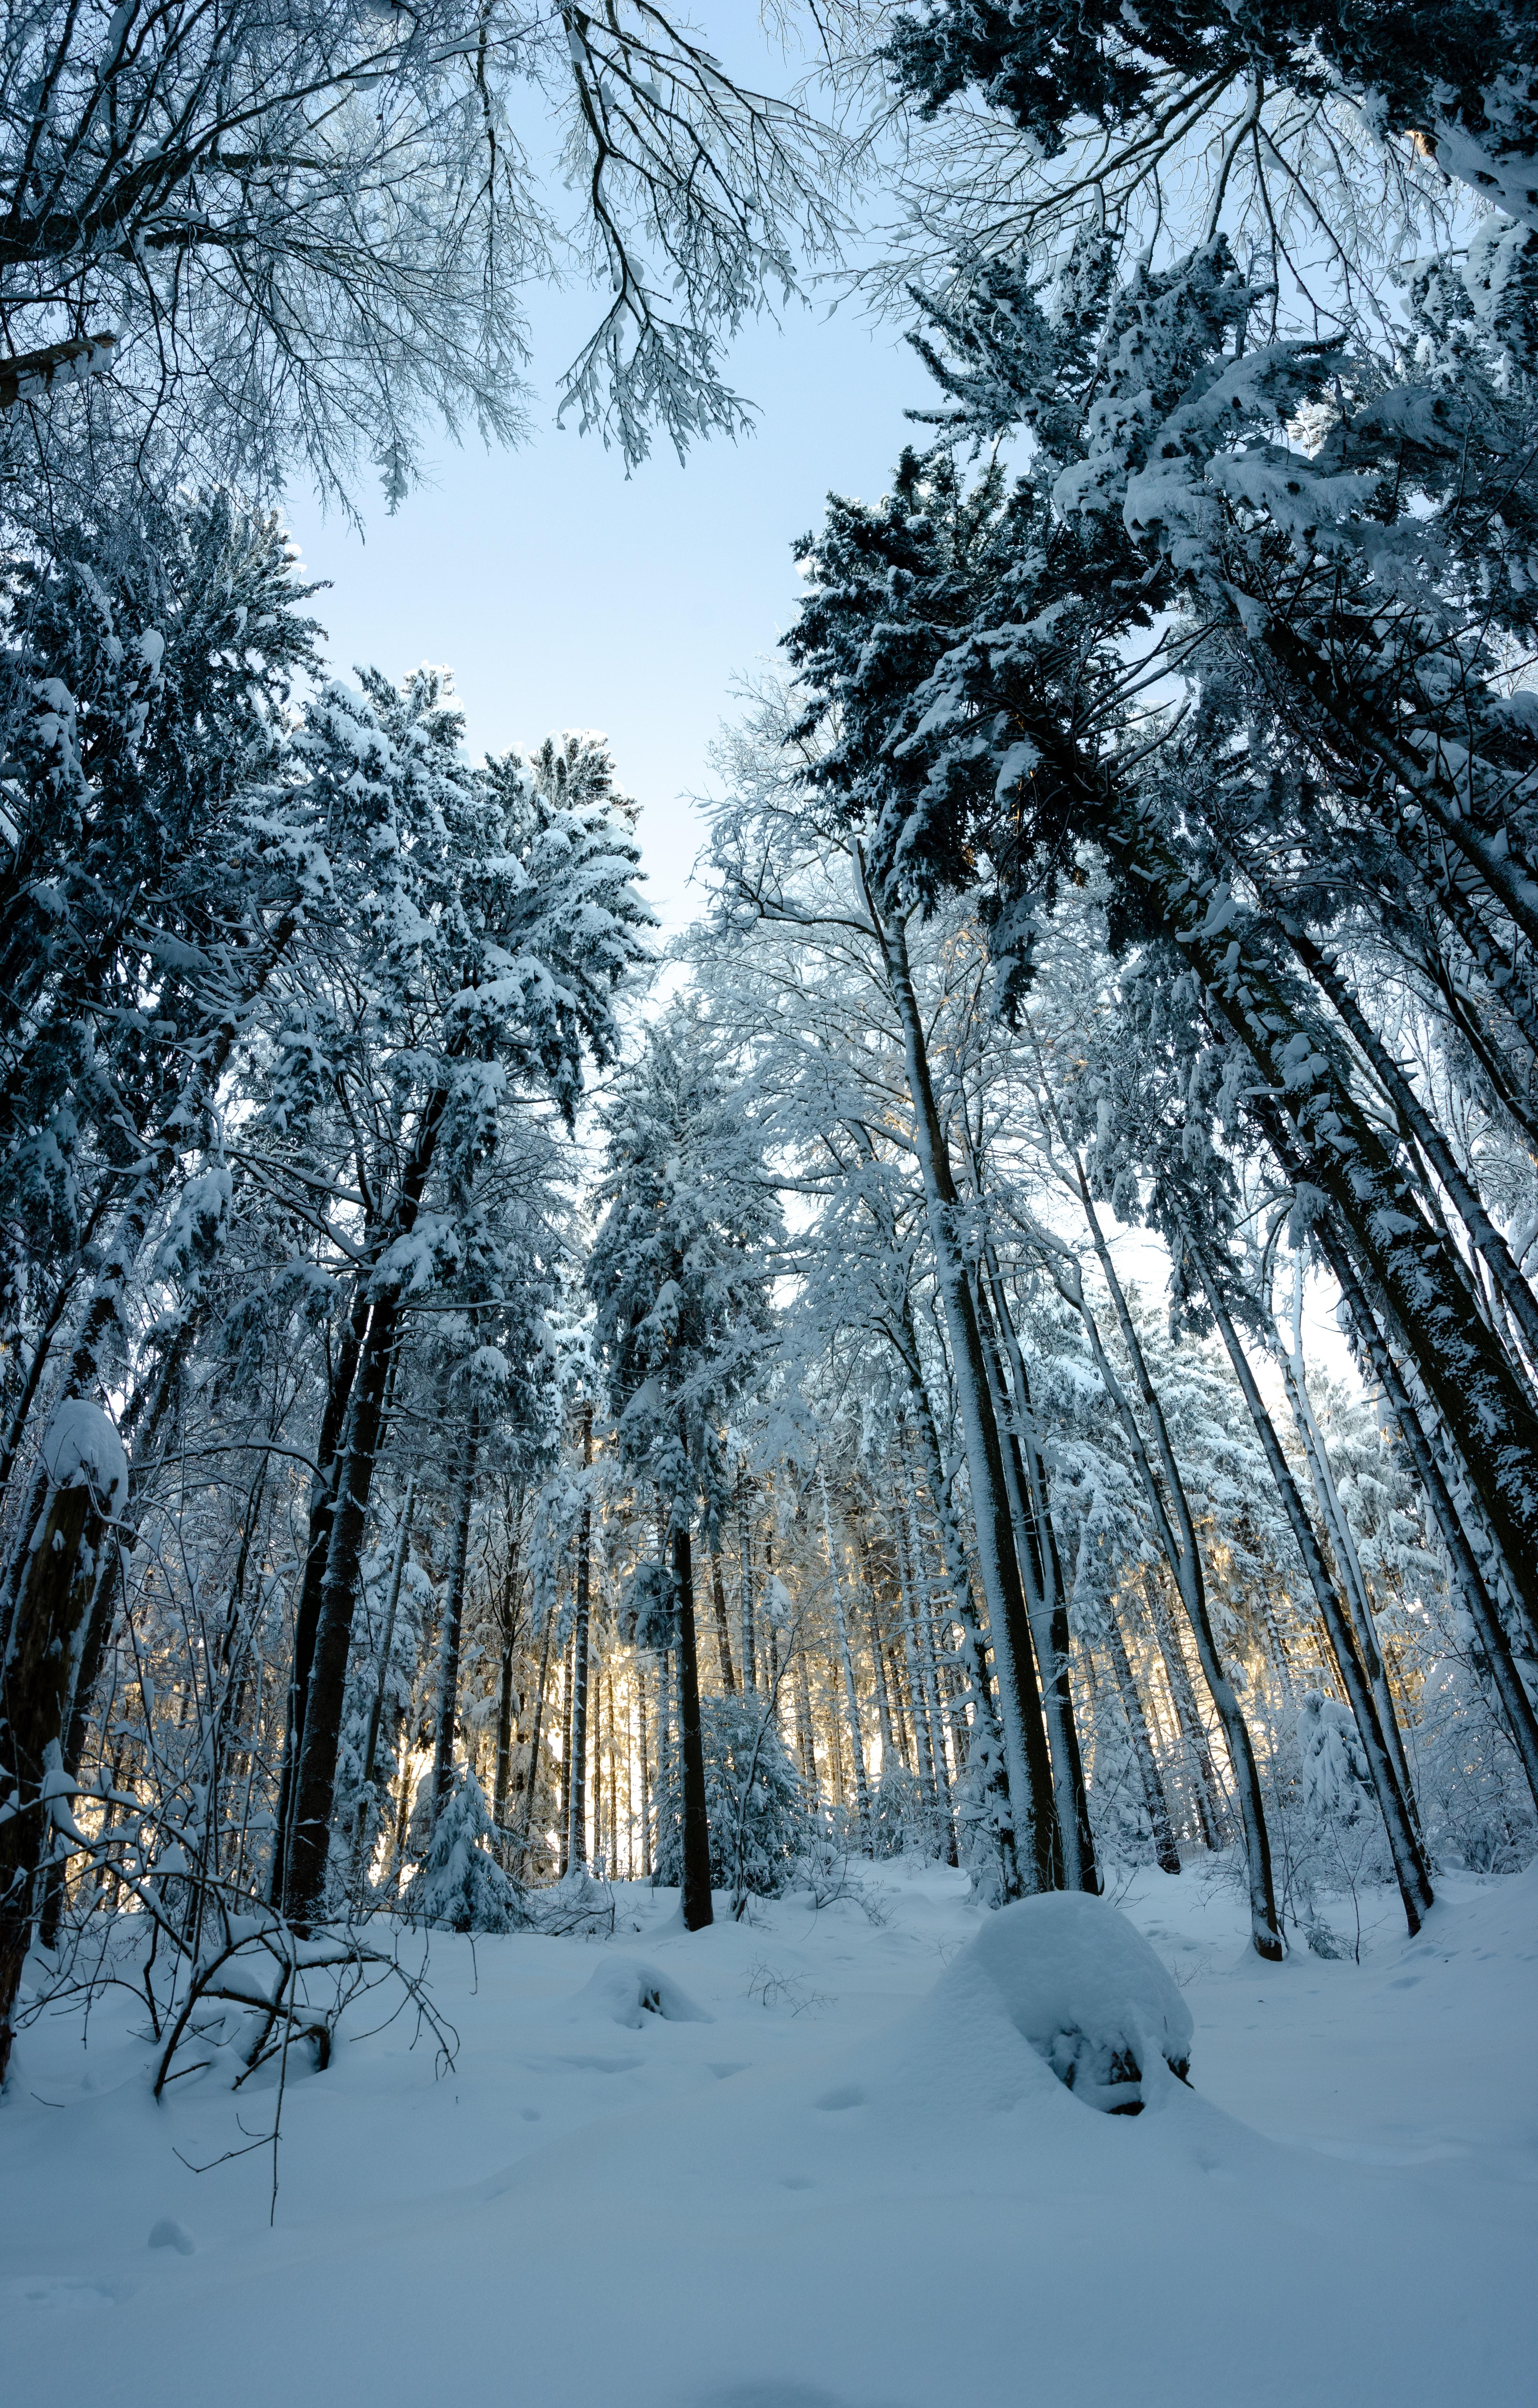 82975 скачать обои Природа, Лес, Снег, Зима, Деревья, Заснеженный, Сосны - заставки и картинки бесплатно